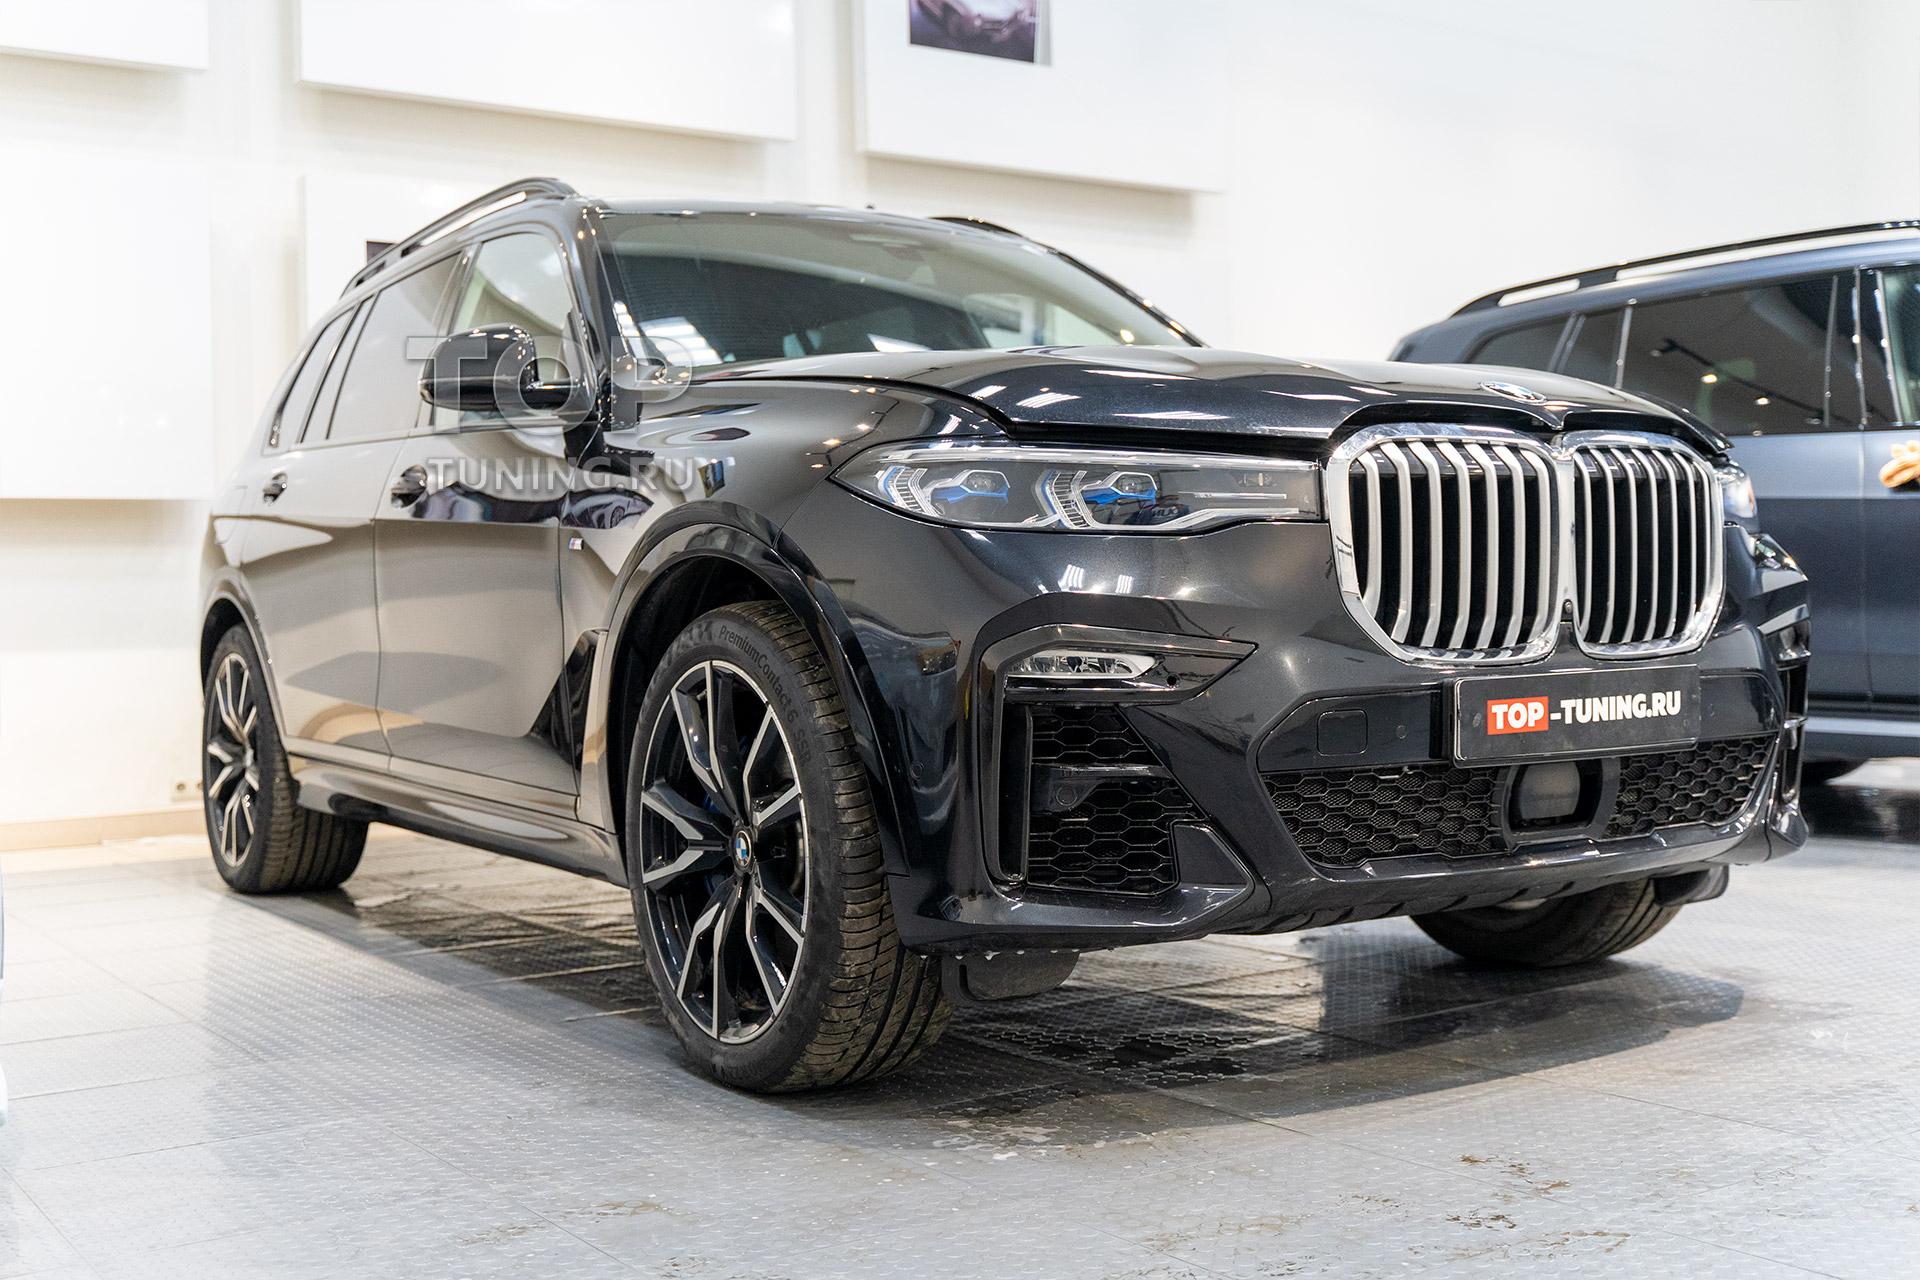 Новый BMW X7 G07 - тонировка лобового стекла и передних боковых